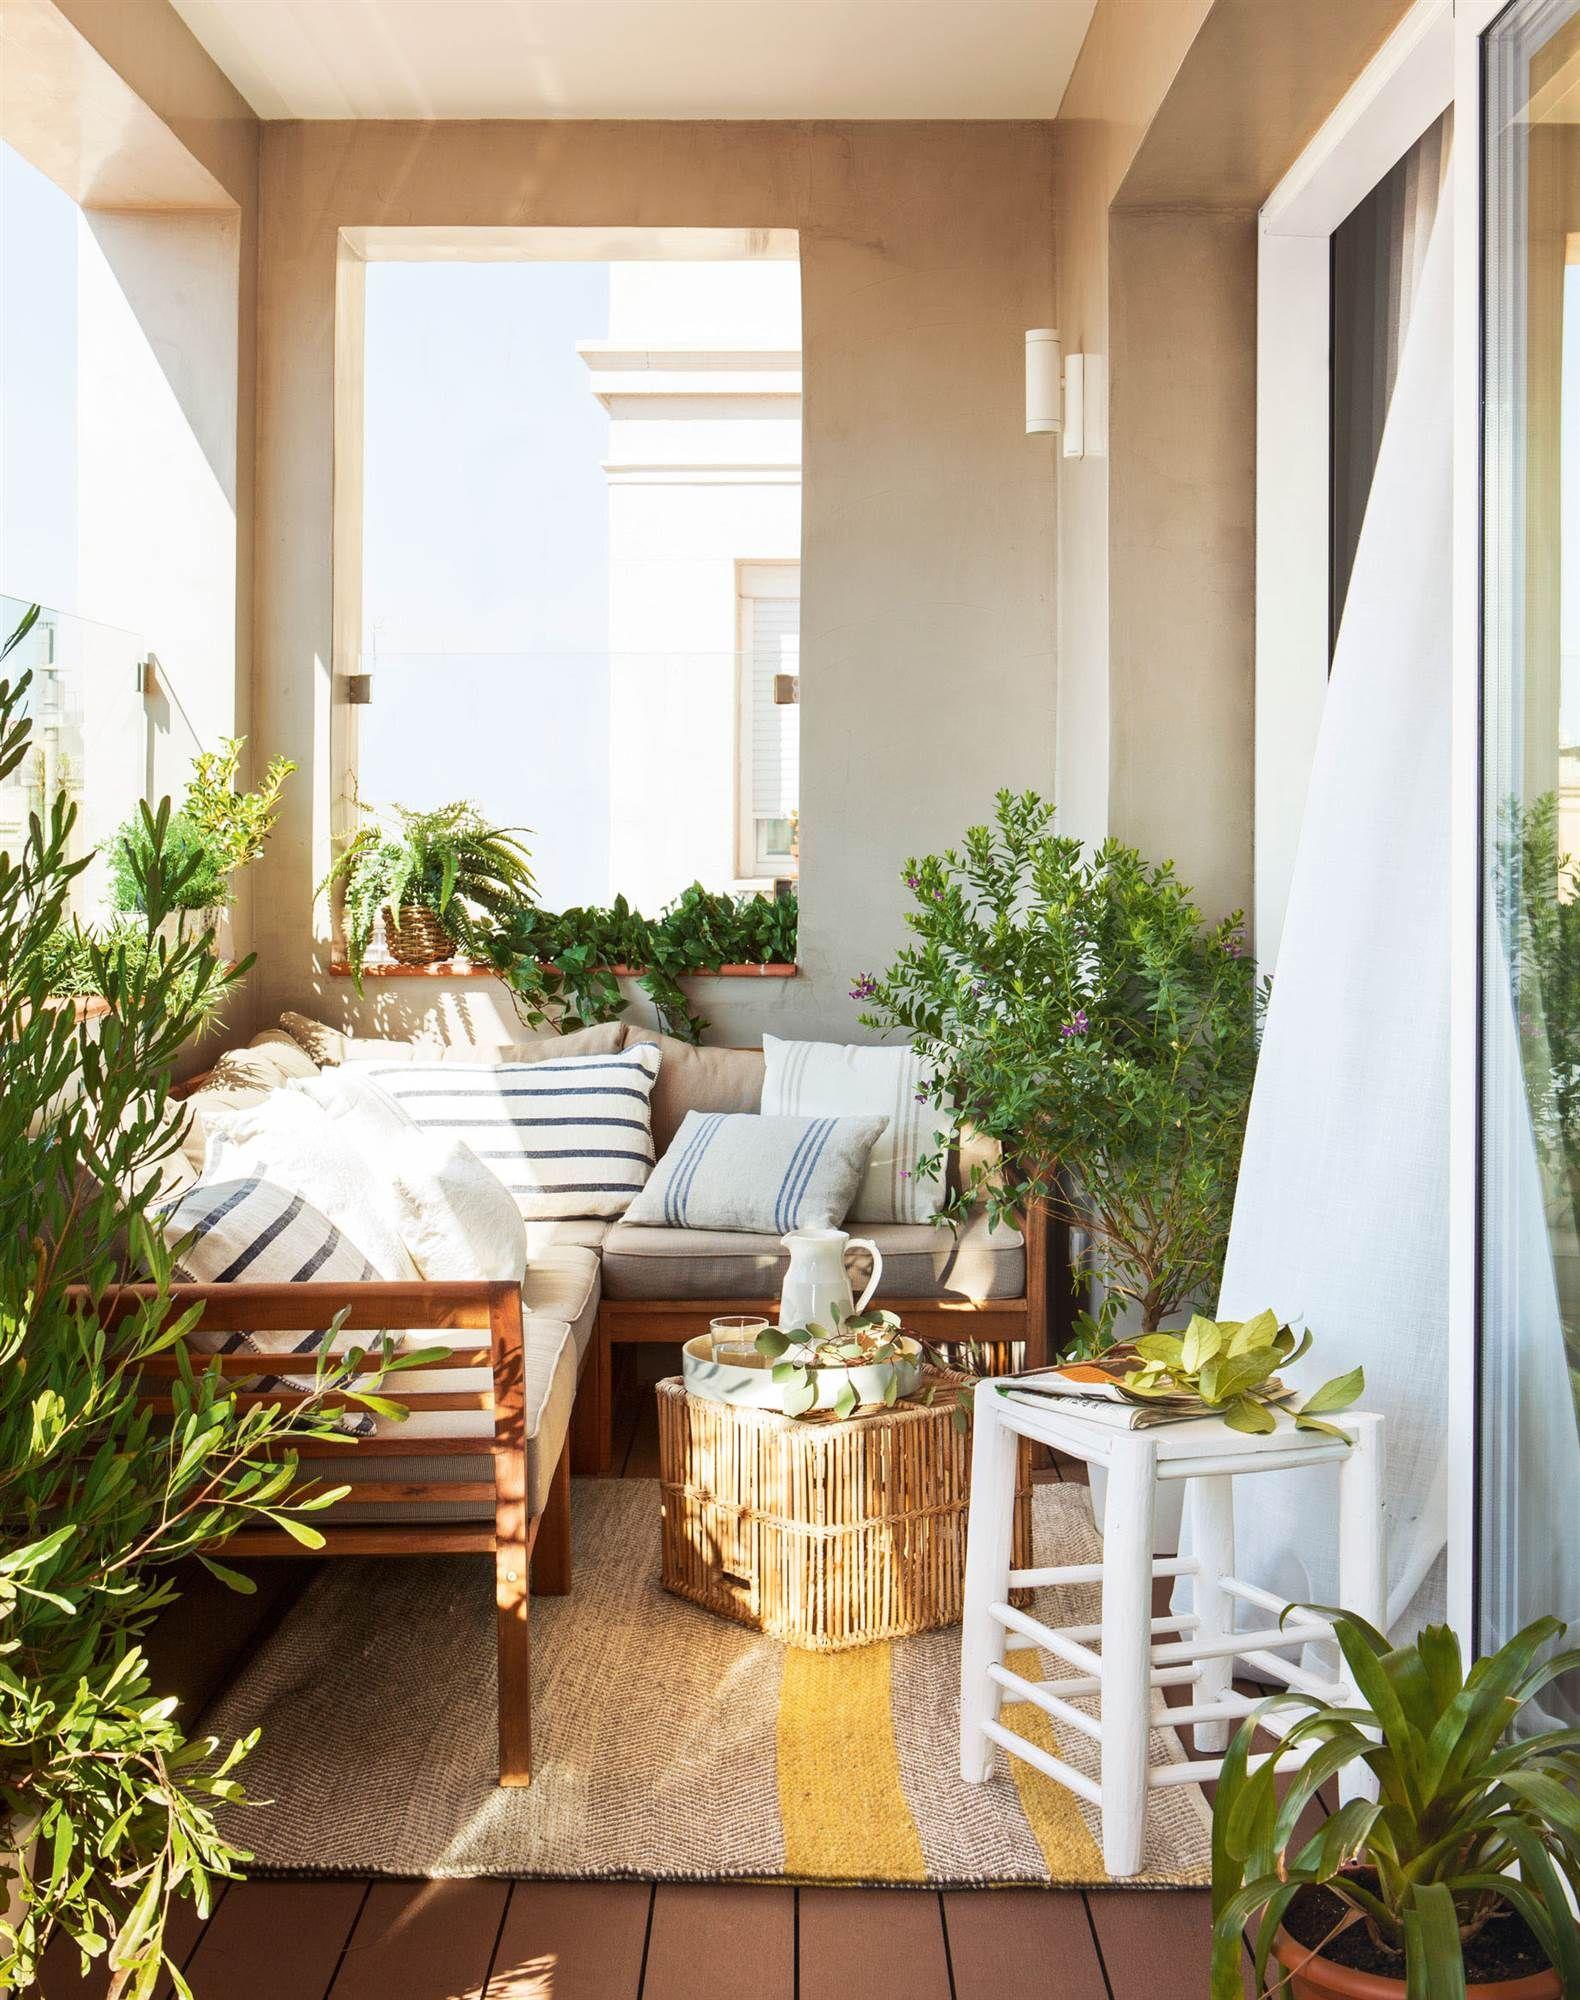 Balcon estrecho con muebles 00411713 las terrazas el for Disenos de terrazas pequenas